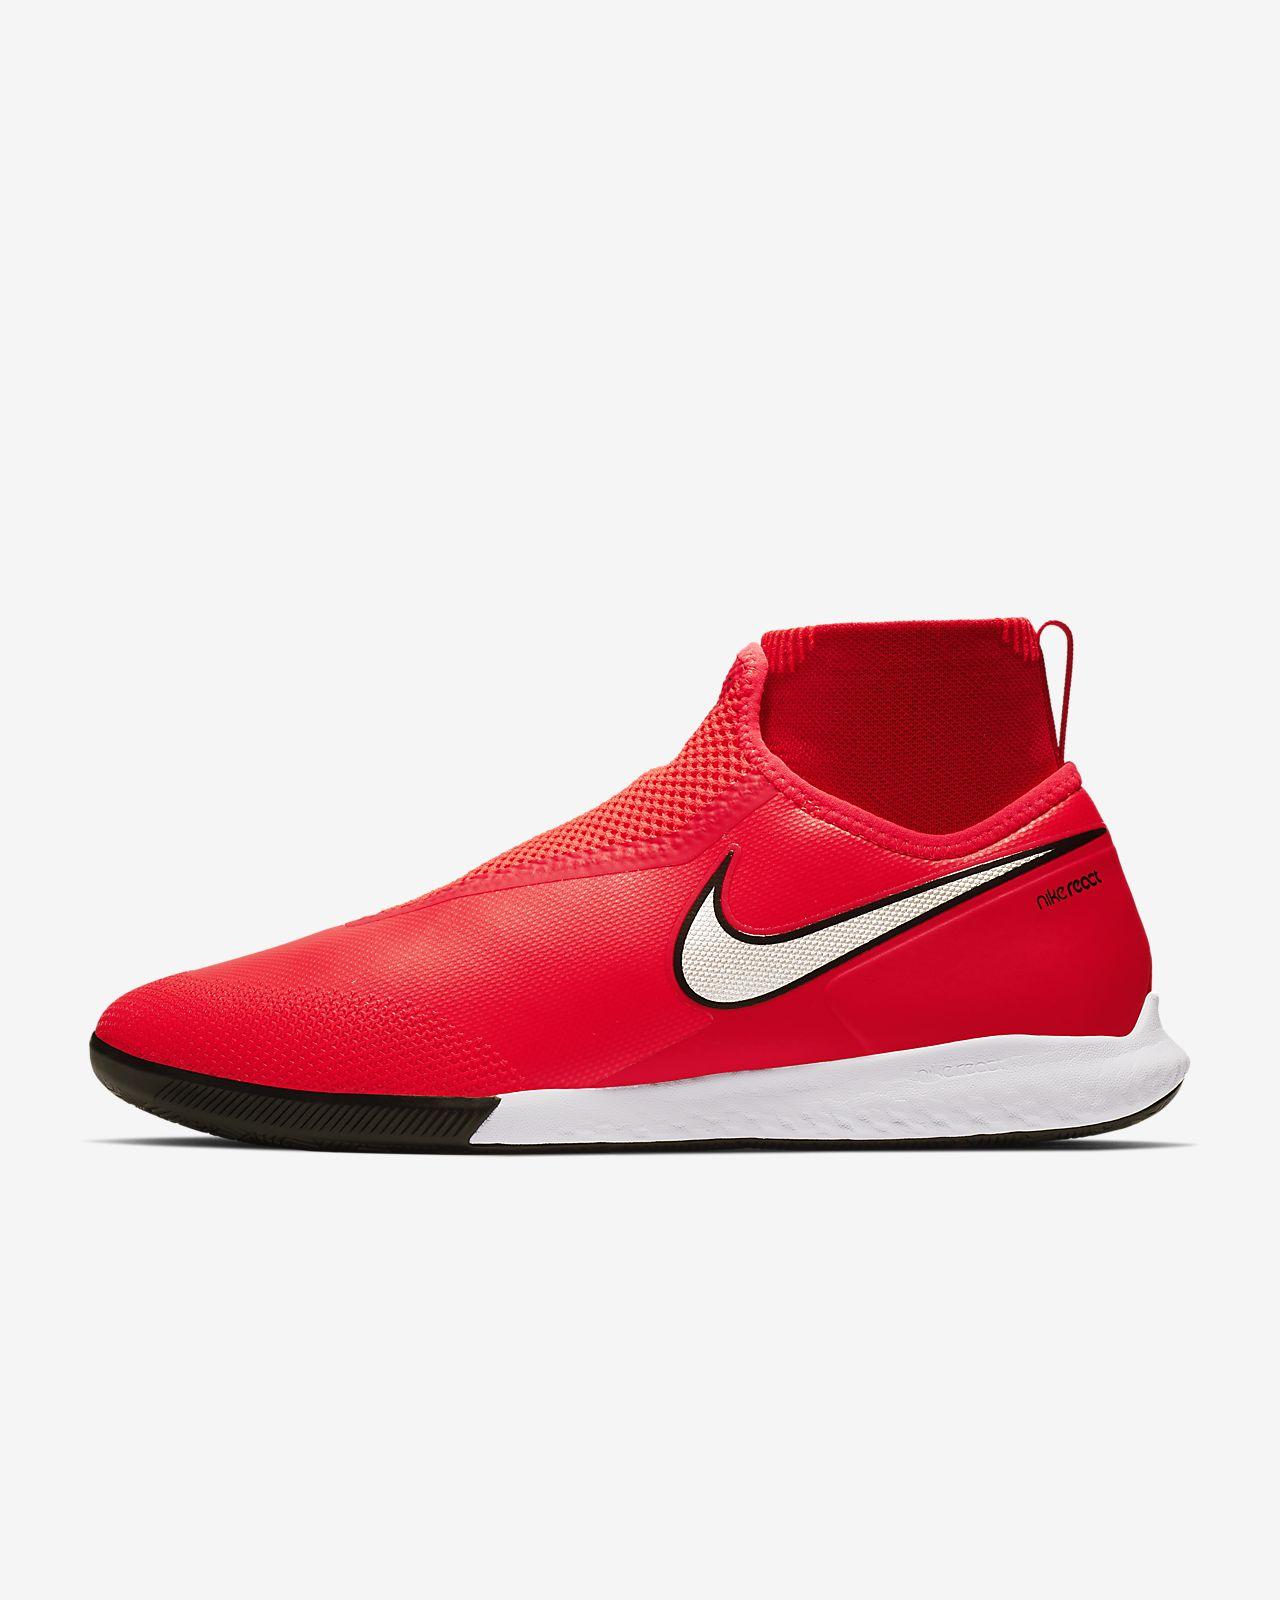 Nike React PhantomVSN Pro Dynamic Fit Game Over IC-fodboldstøvle til indendørs